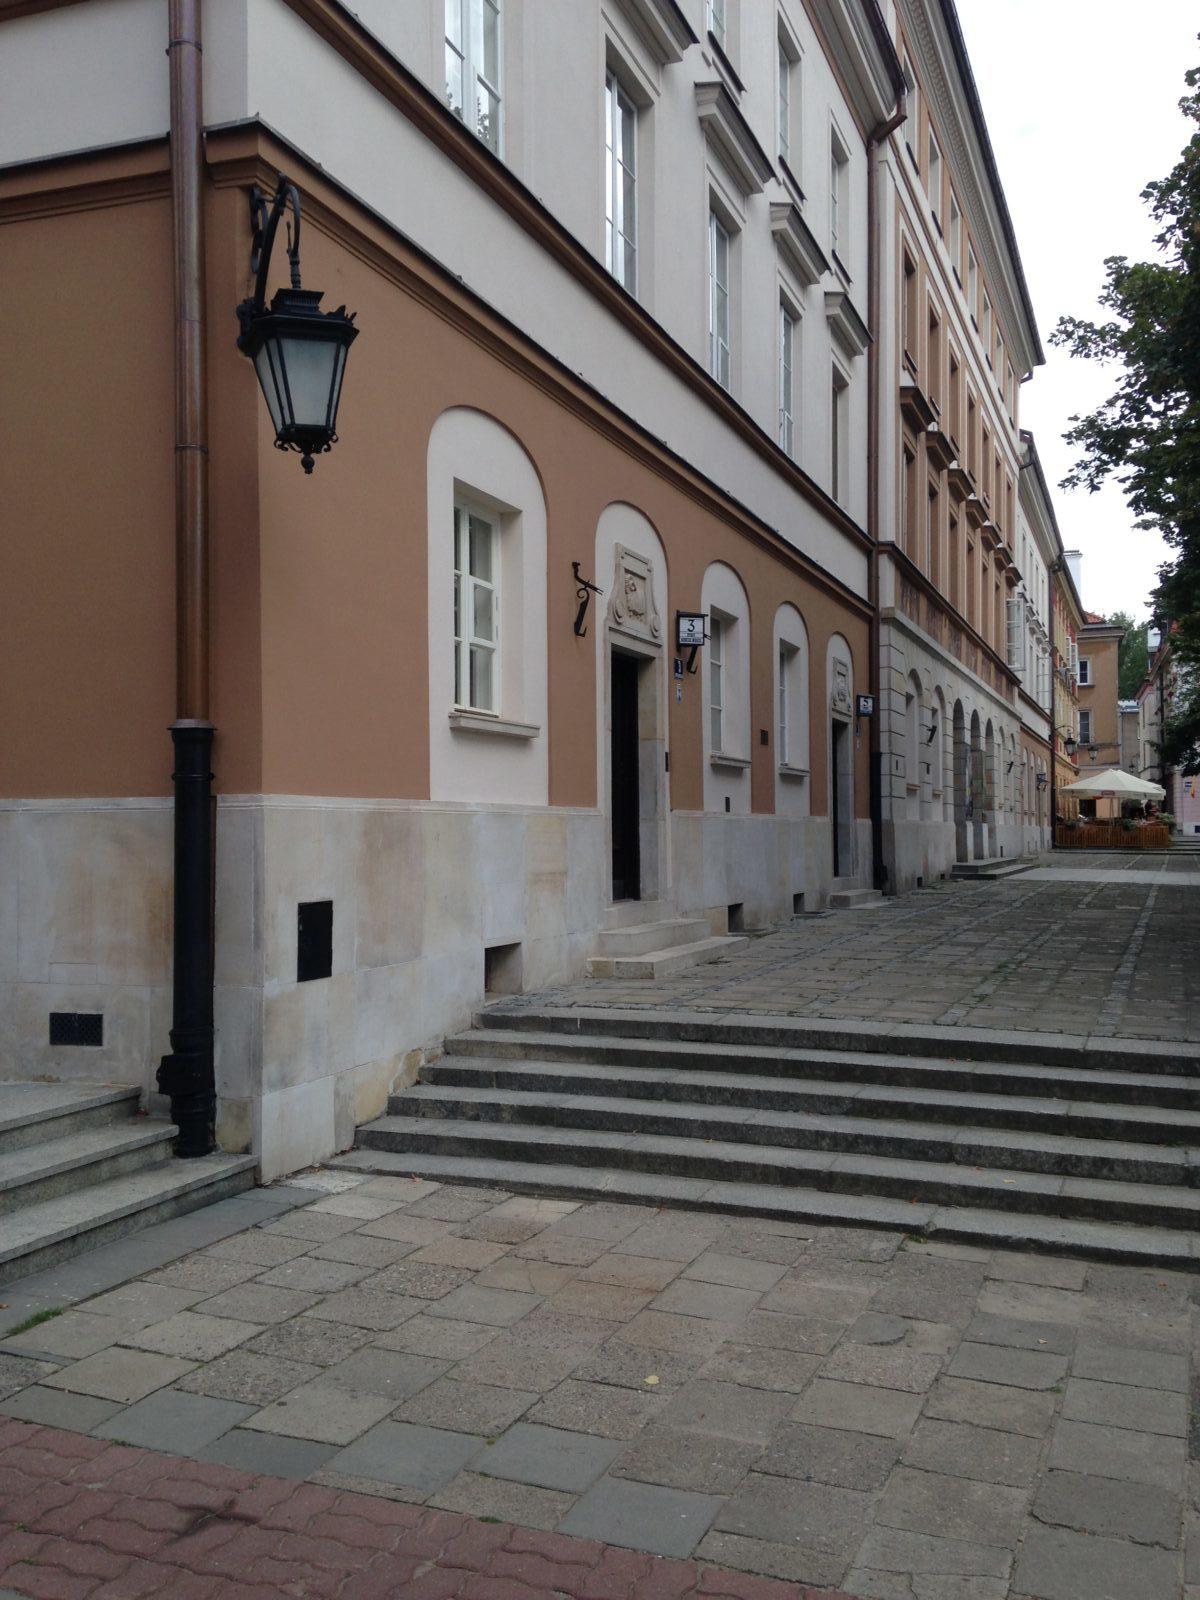 KAMBO renowacja kamiennej elewacji z piaskowca - teatr warszawy rynek nowego miasta